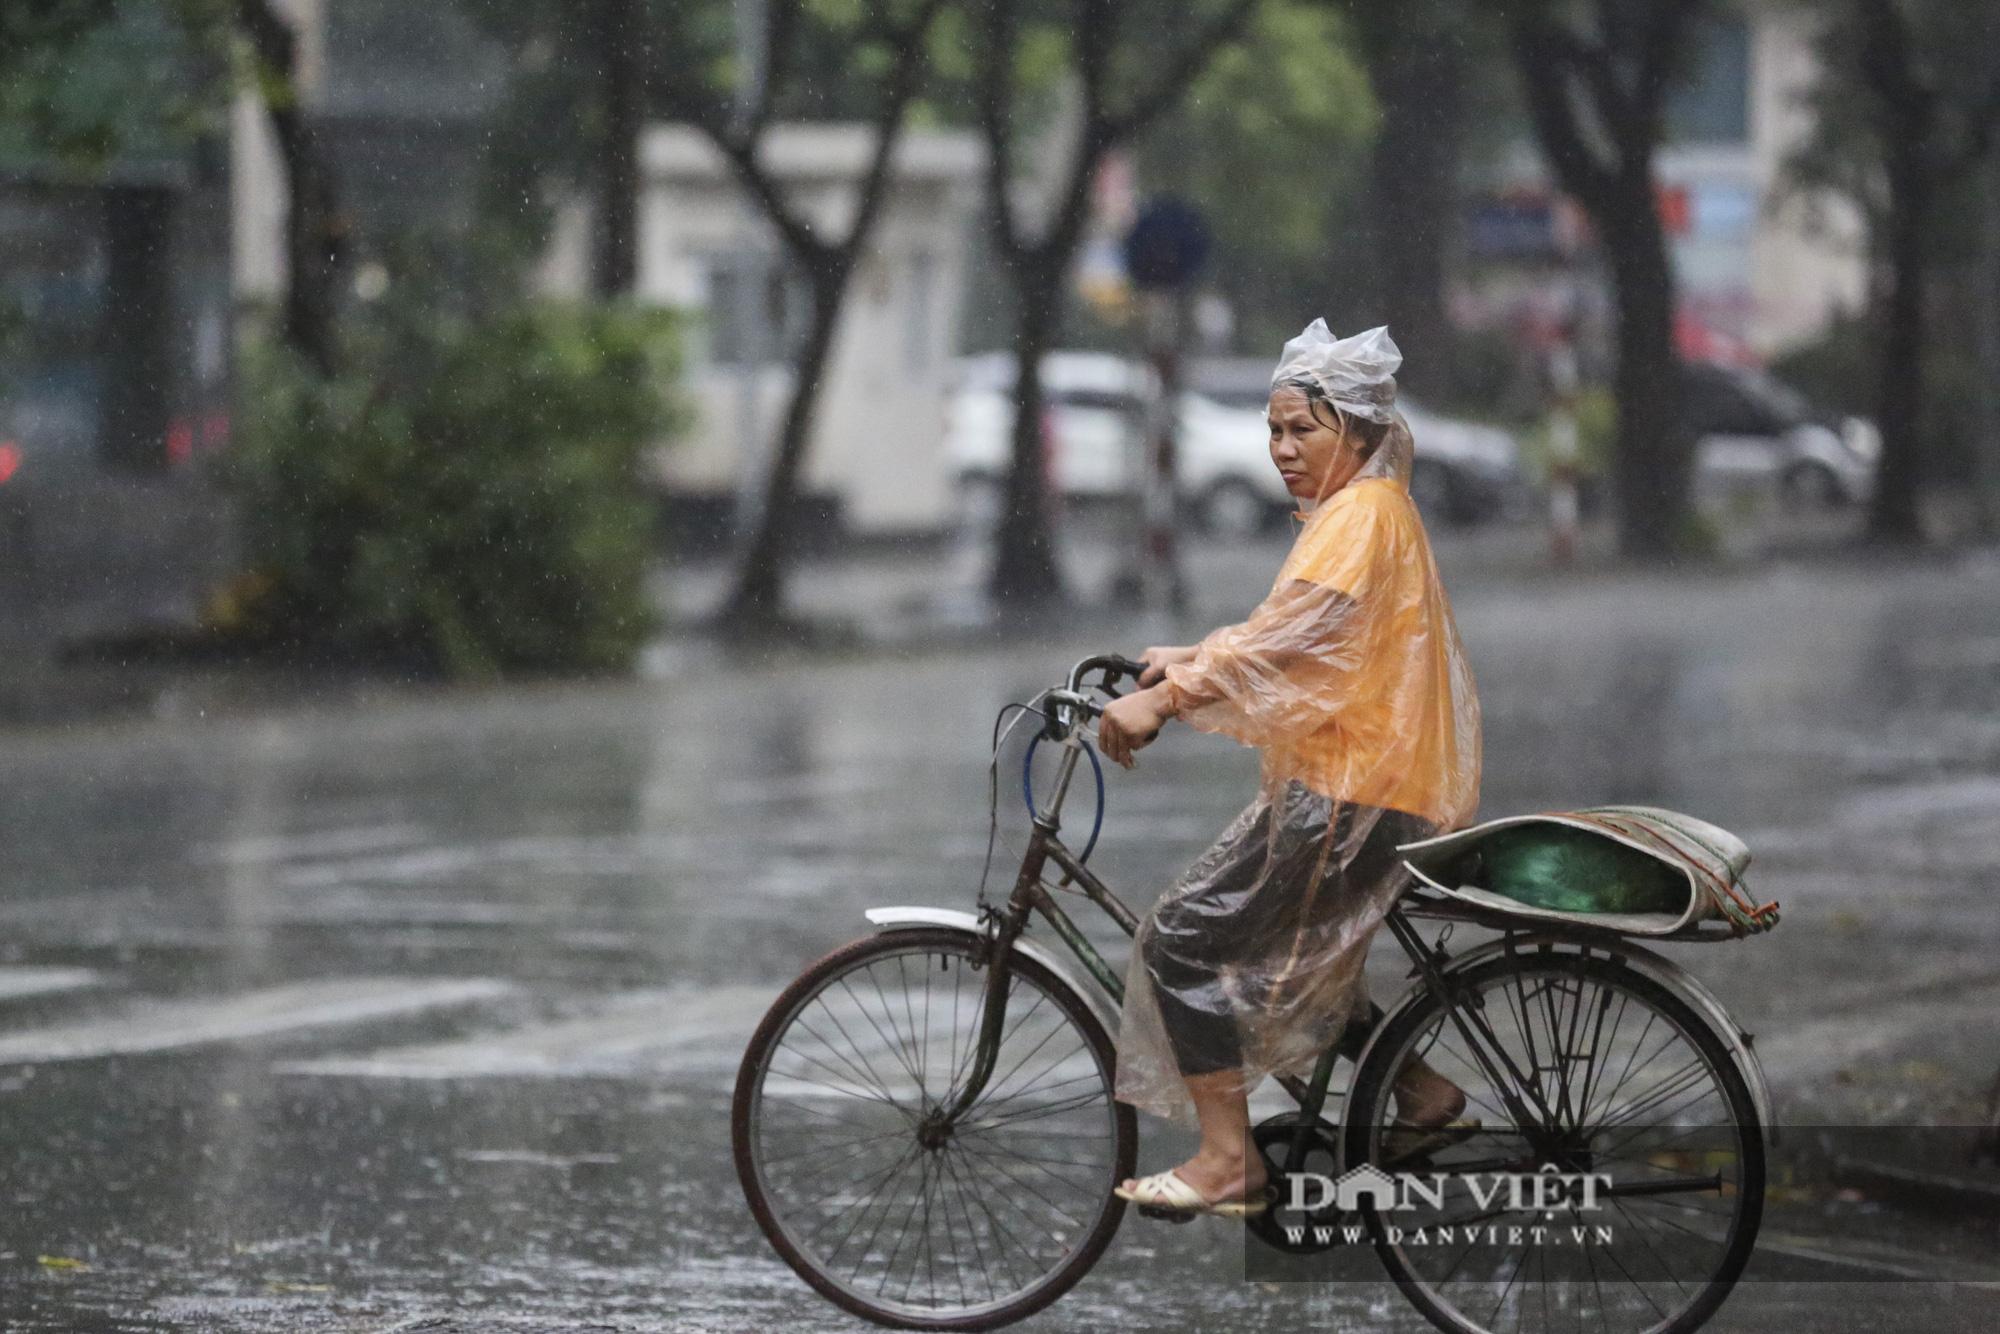 Sau bão số 2, Hà Nội mưa cả ngày khiến mực nước sông Tô Lịch bất ngờ dâng cao - Ảnh 5.